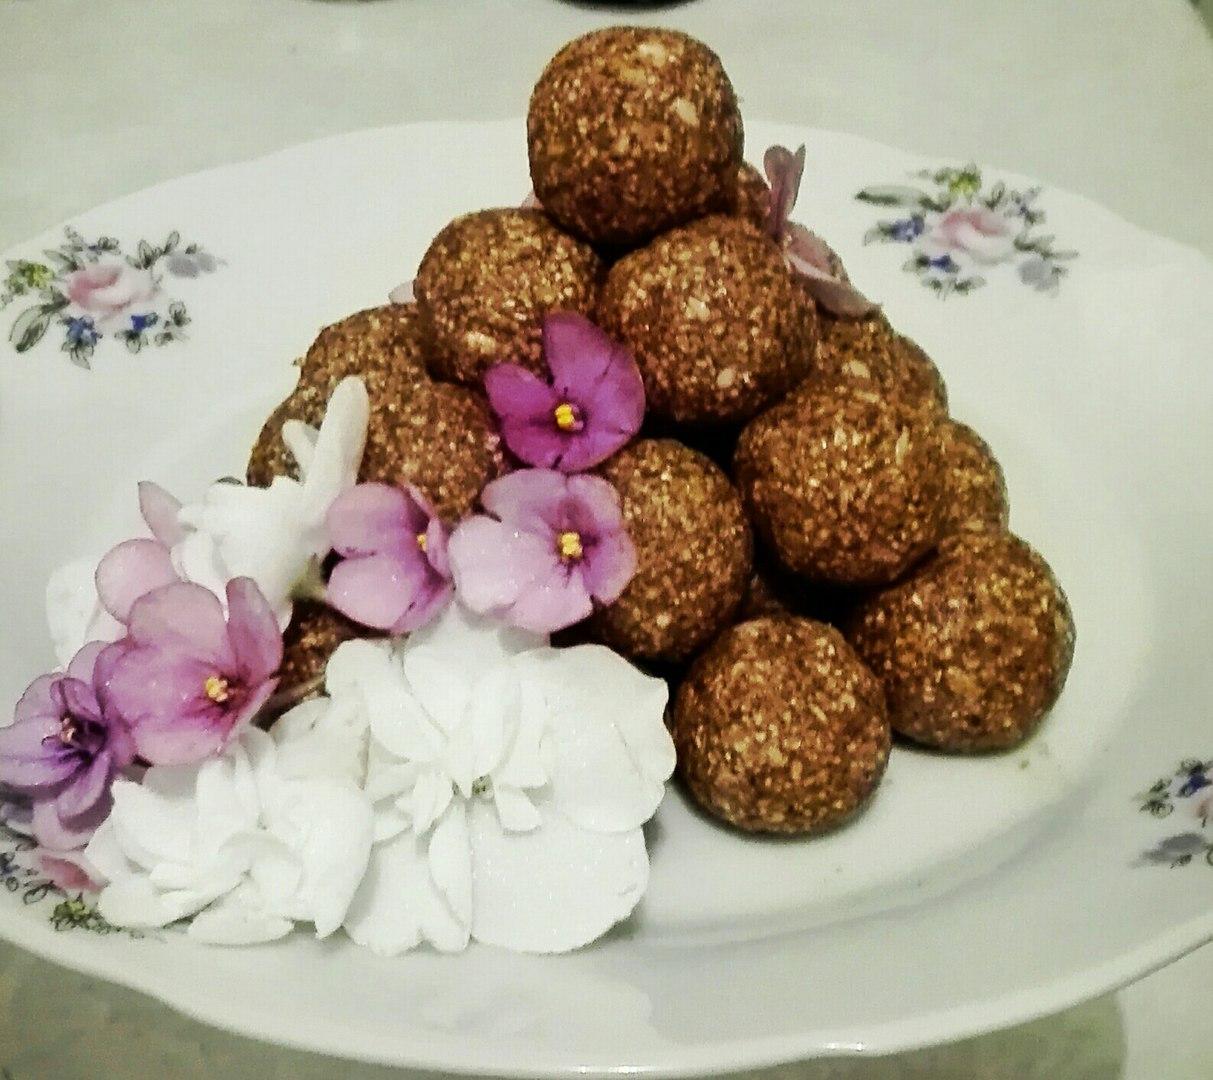 Ореховые конфетки, источник фото: https://vk.com/dukanofficial Автор: Катя Шевчишена